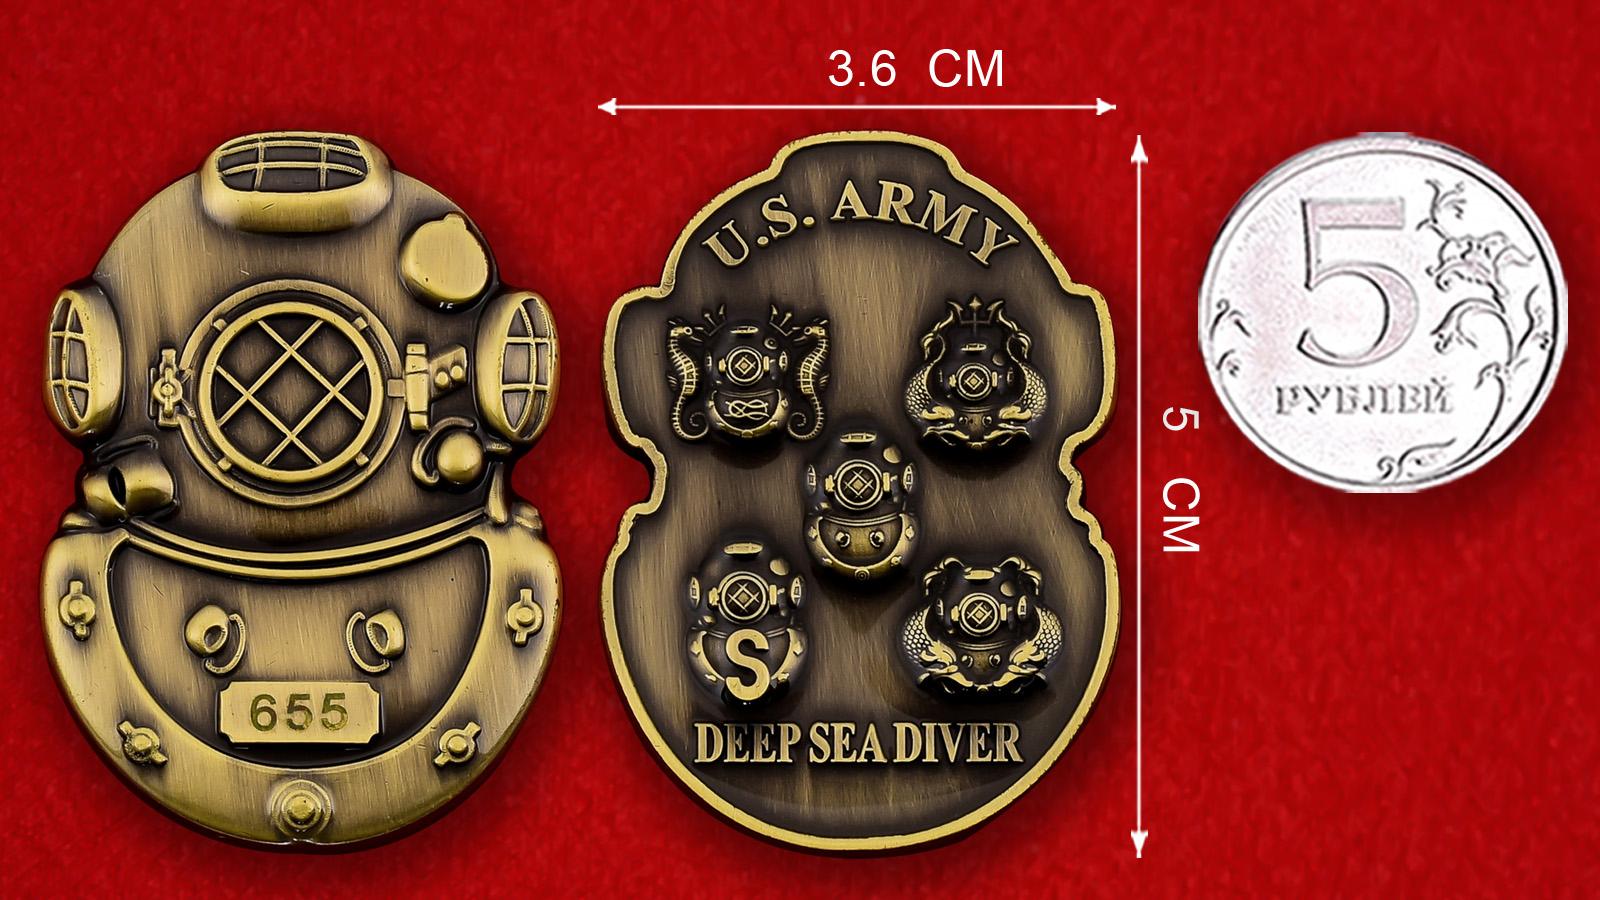 Челлендж коин водолазов Инженерного корпуса Армии США